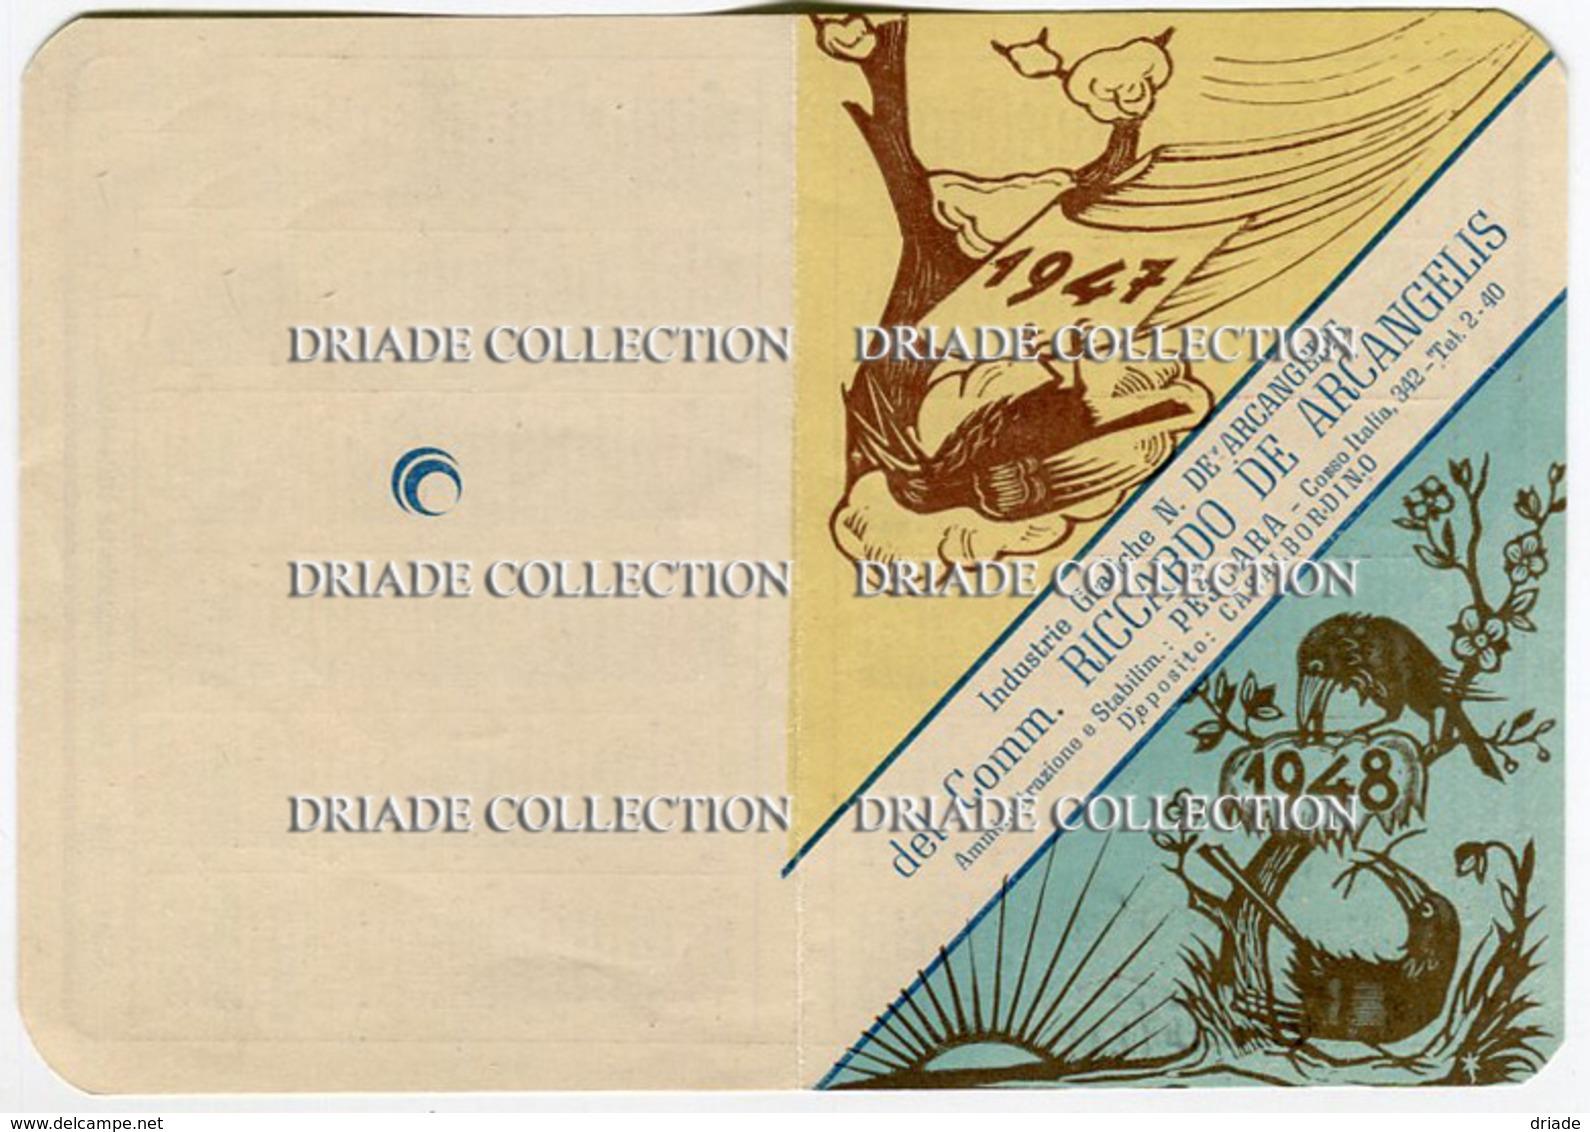 CALENDARIETTO PUBBLICITà INDUSTRIE GRAFICHE DE ARCANGELIS PESCARA CASALBORDINO ANNO 1947 1948 - Calendriers